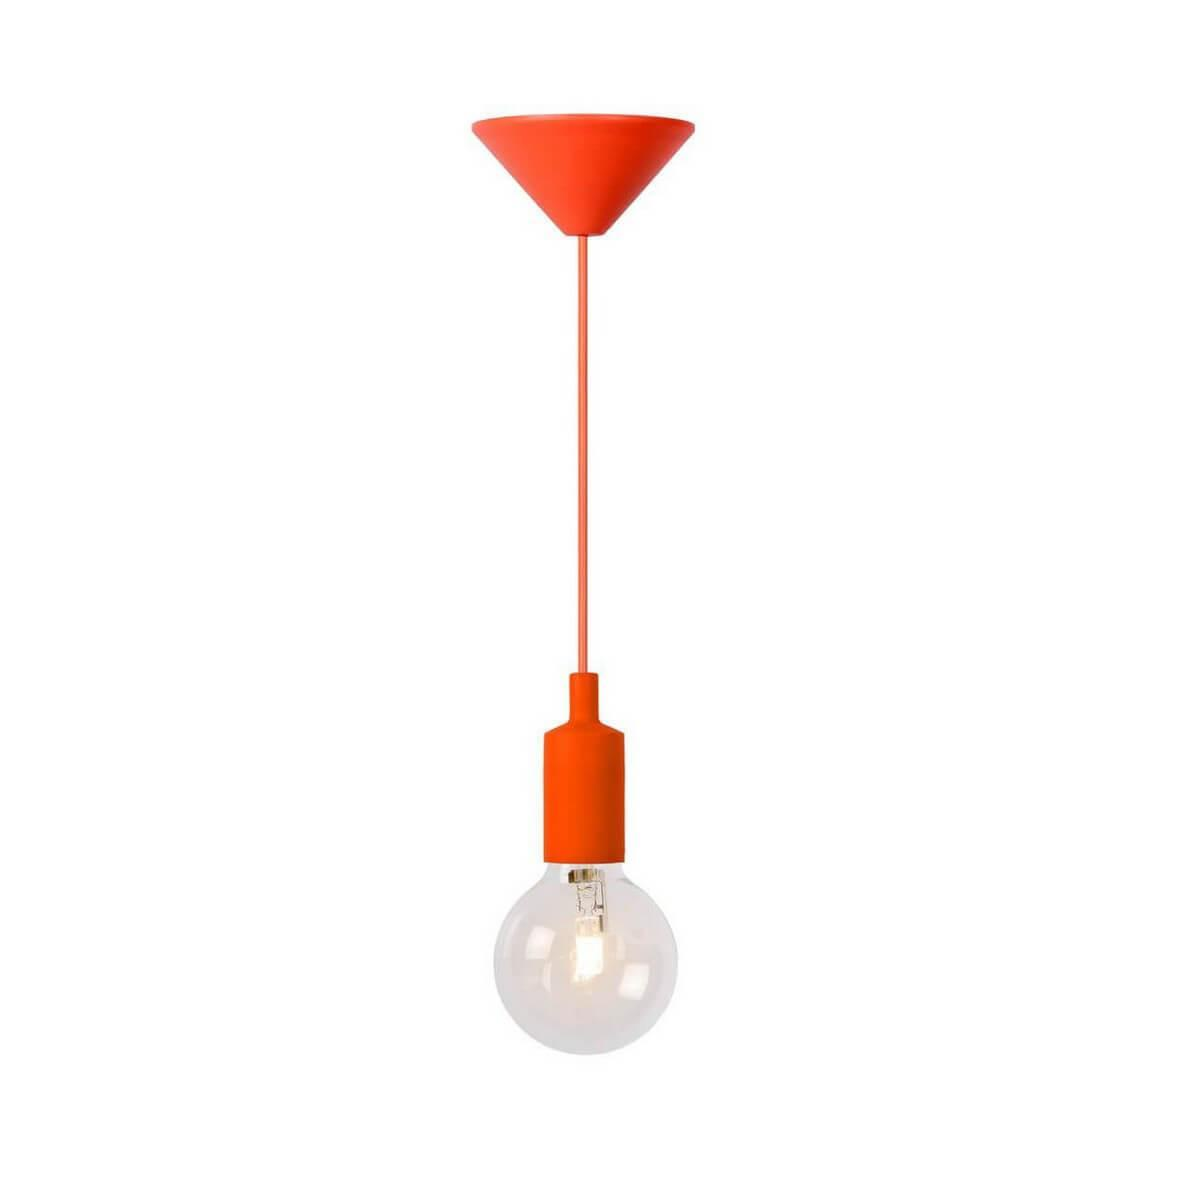 где купить Подвесной светильник Lucide 08408/21/53, E27, 42 Вт по лучшей цене